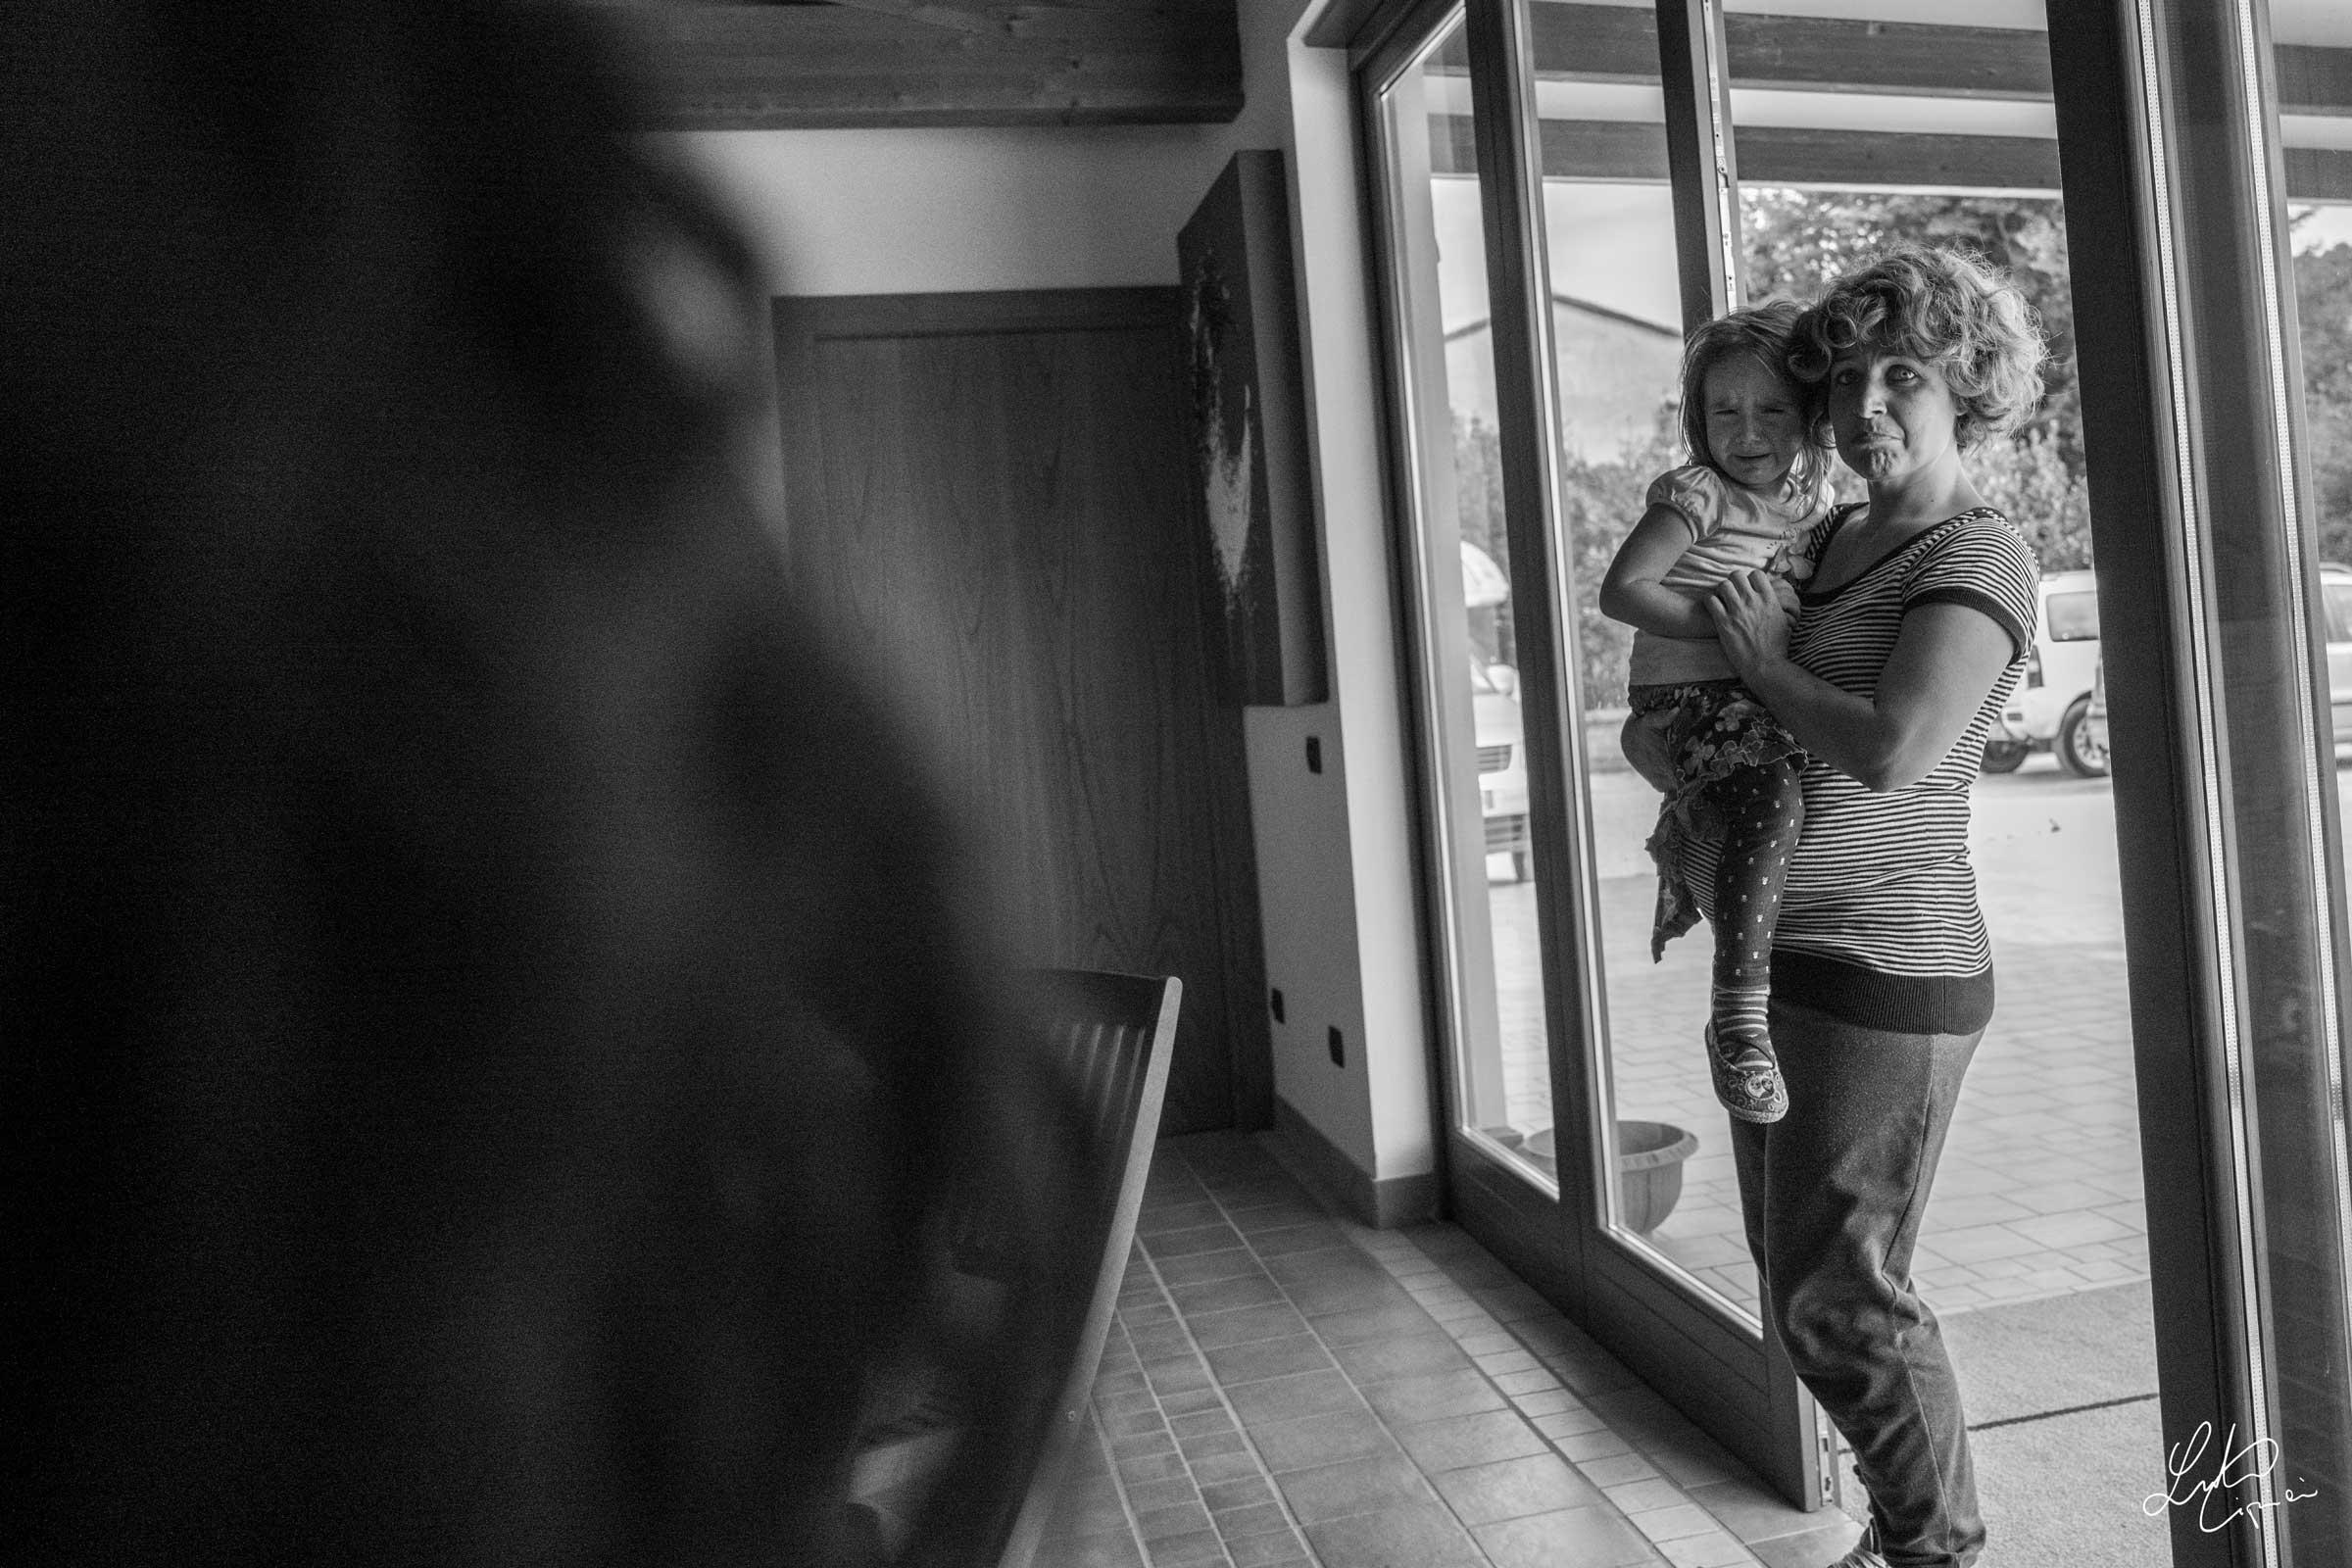 donna con bambina in braccio